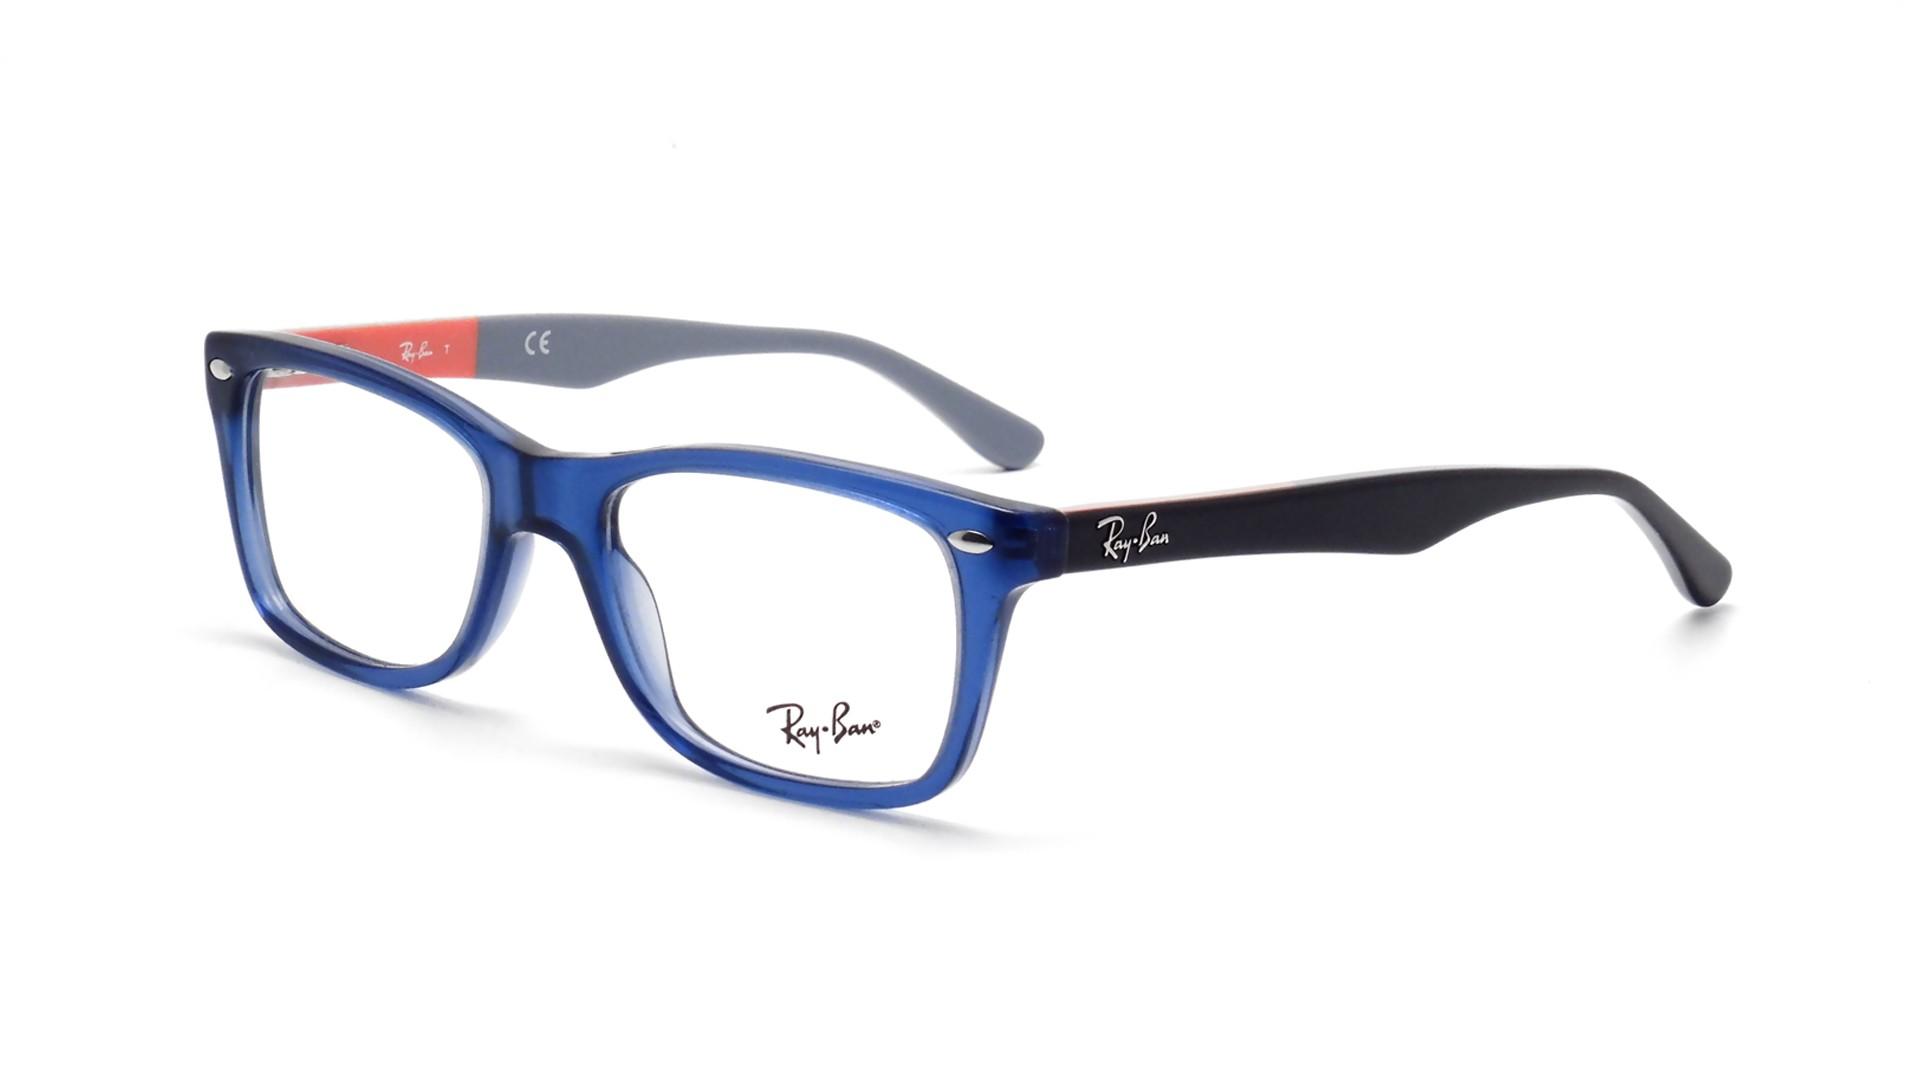 8b5713eae6d91 Eyeglasses Ray-Ban RX5228 RB5228 5547 50-17 Blue Medium